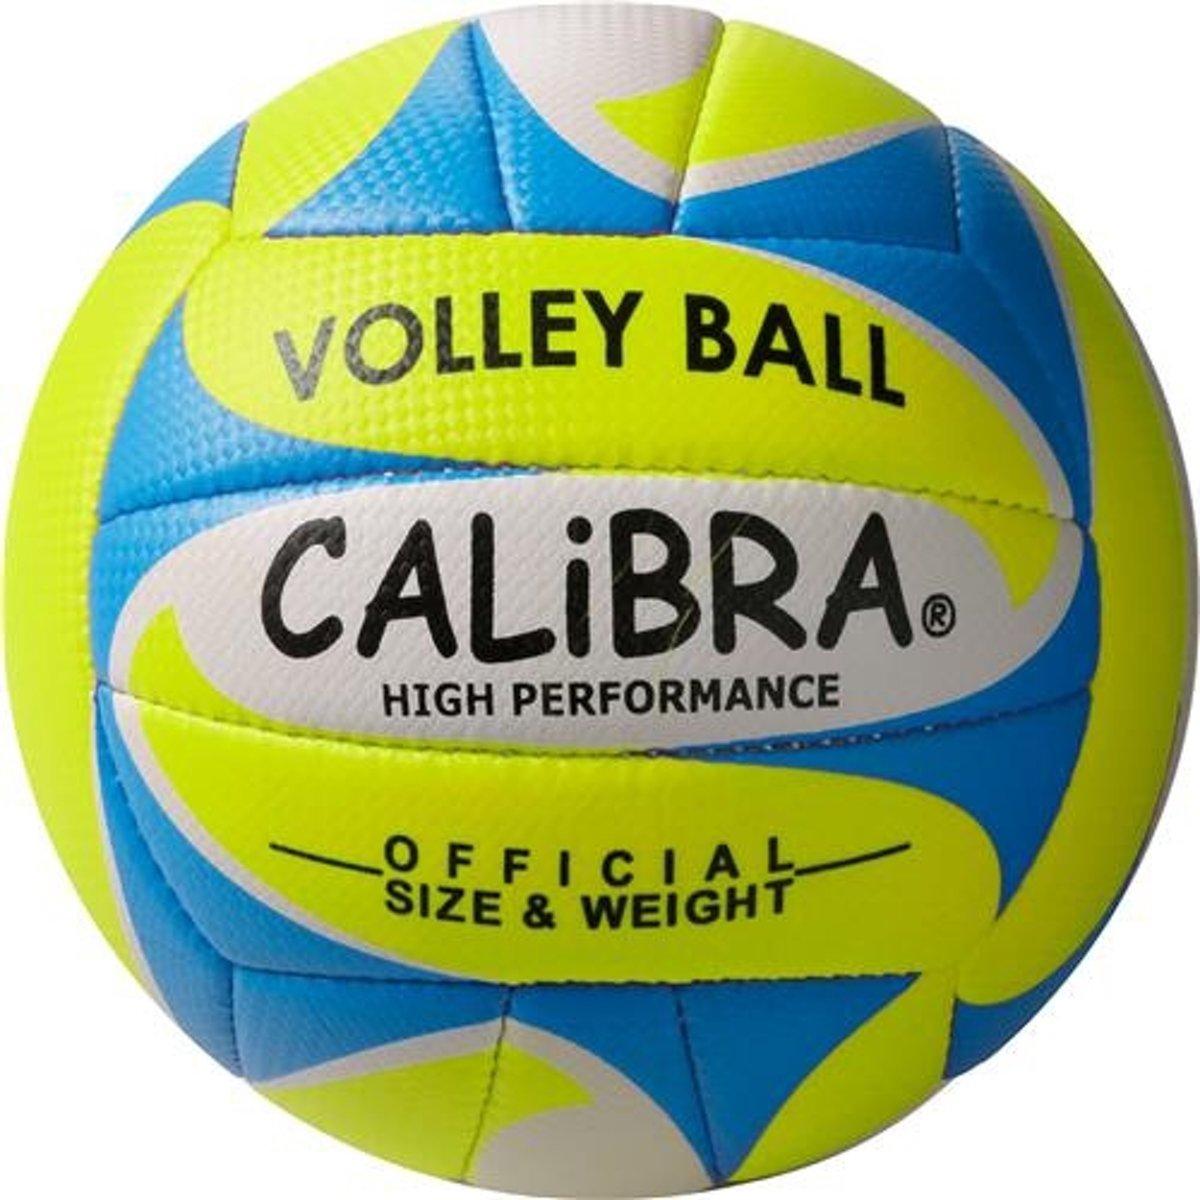 Calibra Beachvolleybal Alegre 2.0 Geel/blauw/wit Maat 5 kopen